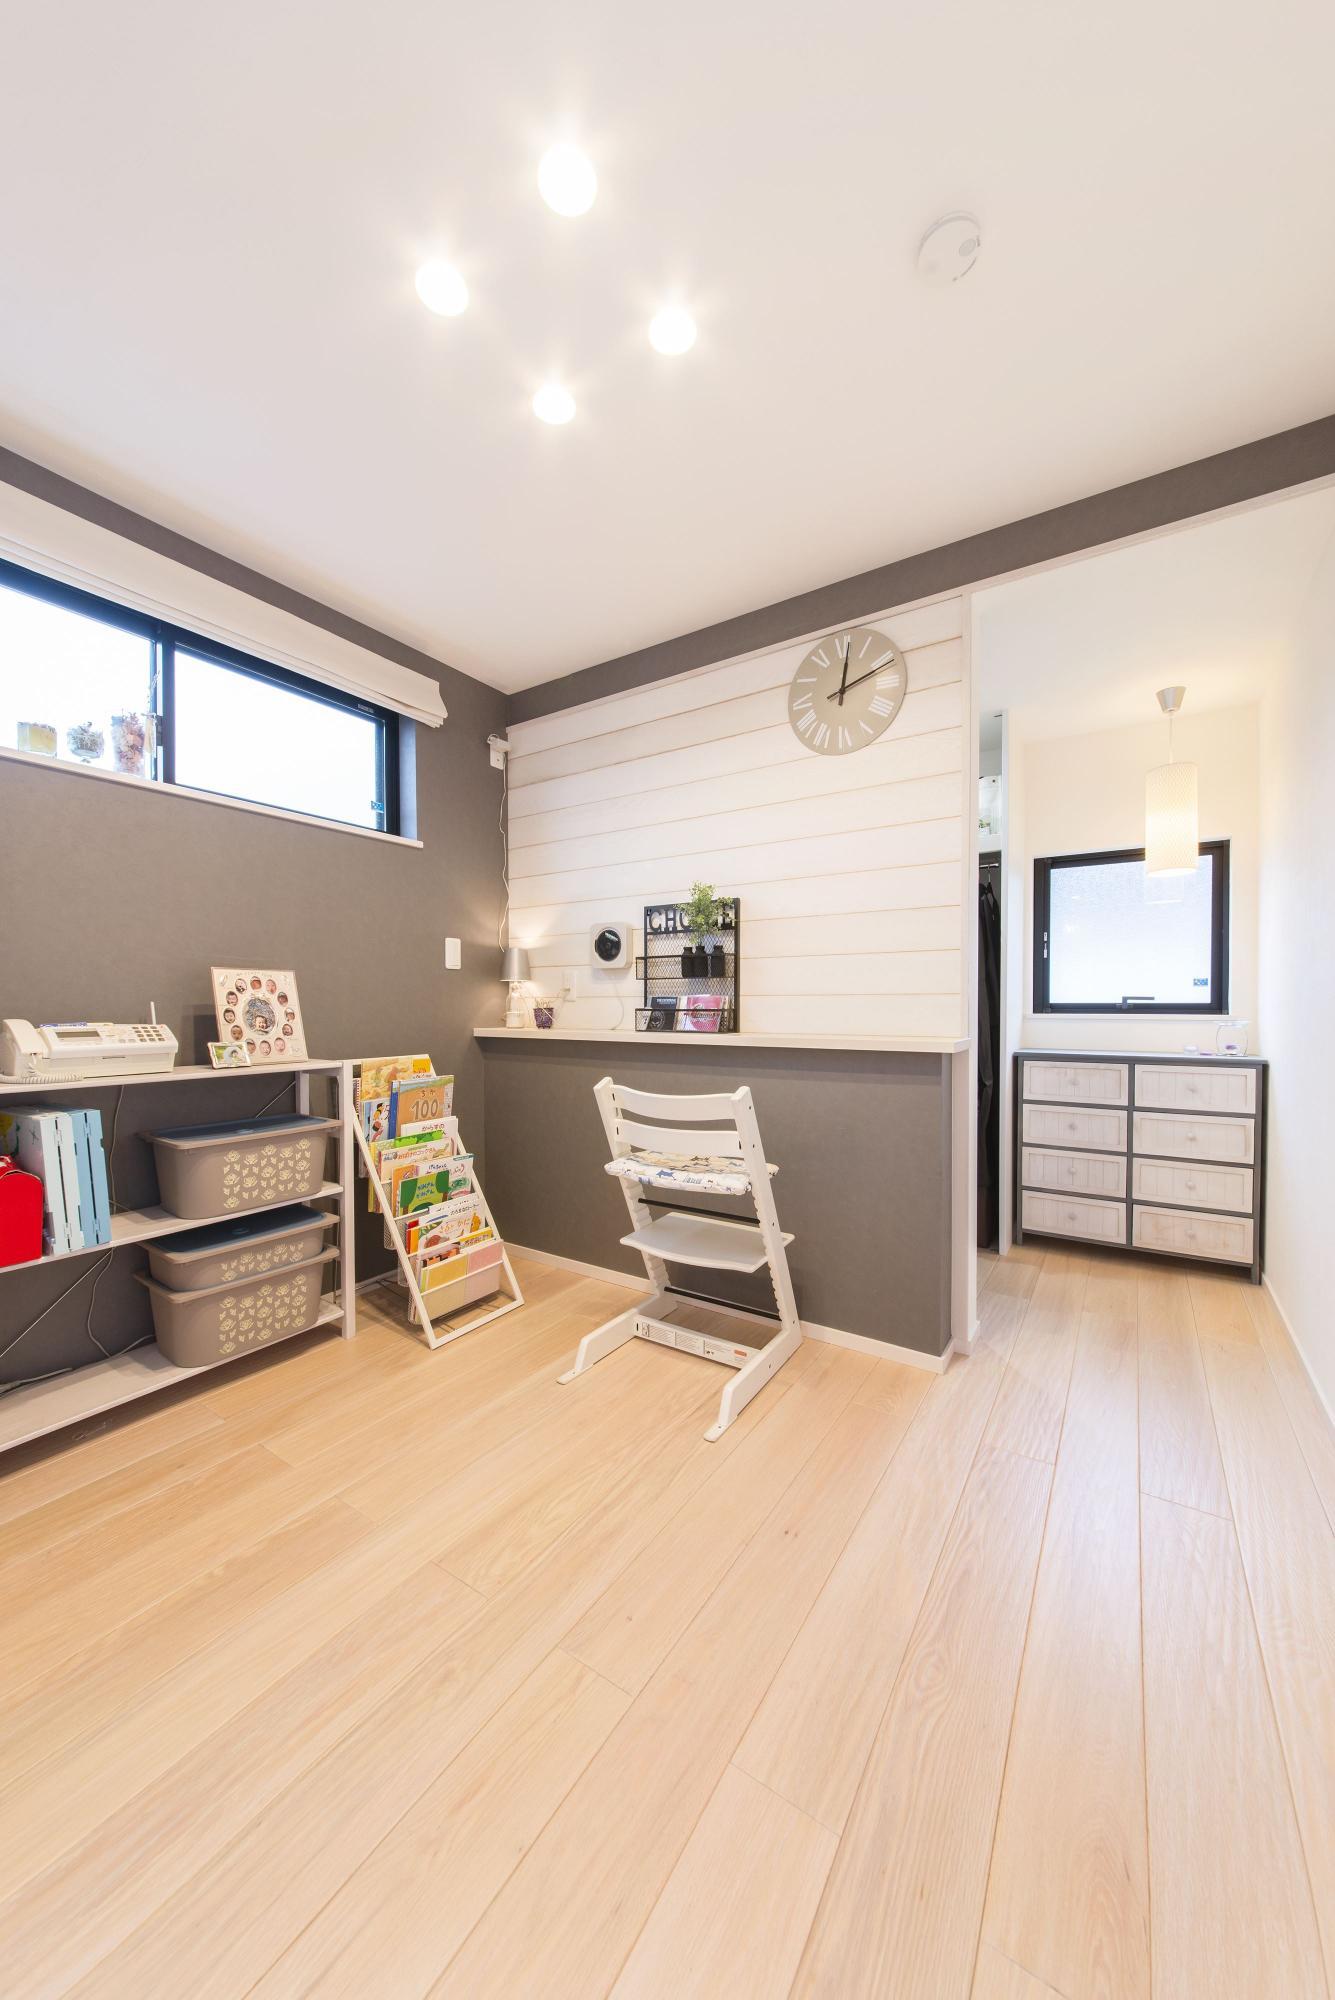 白い天井に、オフホワイト系のオークのなぐり調の床がさらに明るい印象をつくる2階の寝室。写真の中央のカウンターは、スマホを置く台として造作したもの。寝室の奥にはウォークインクロゼットを配置した。